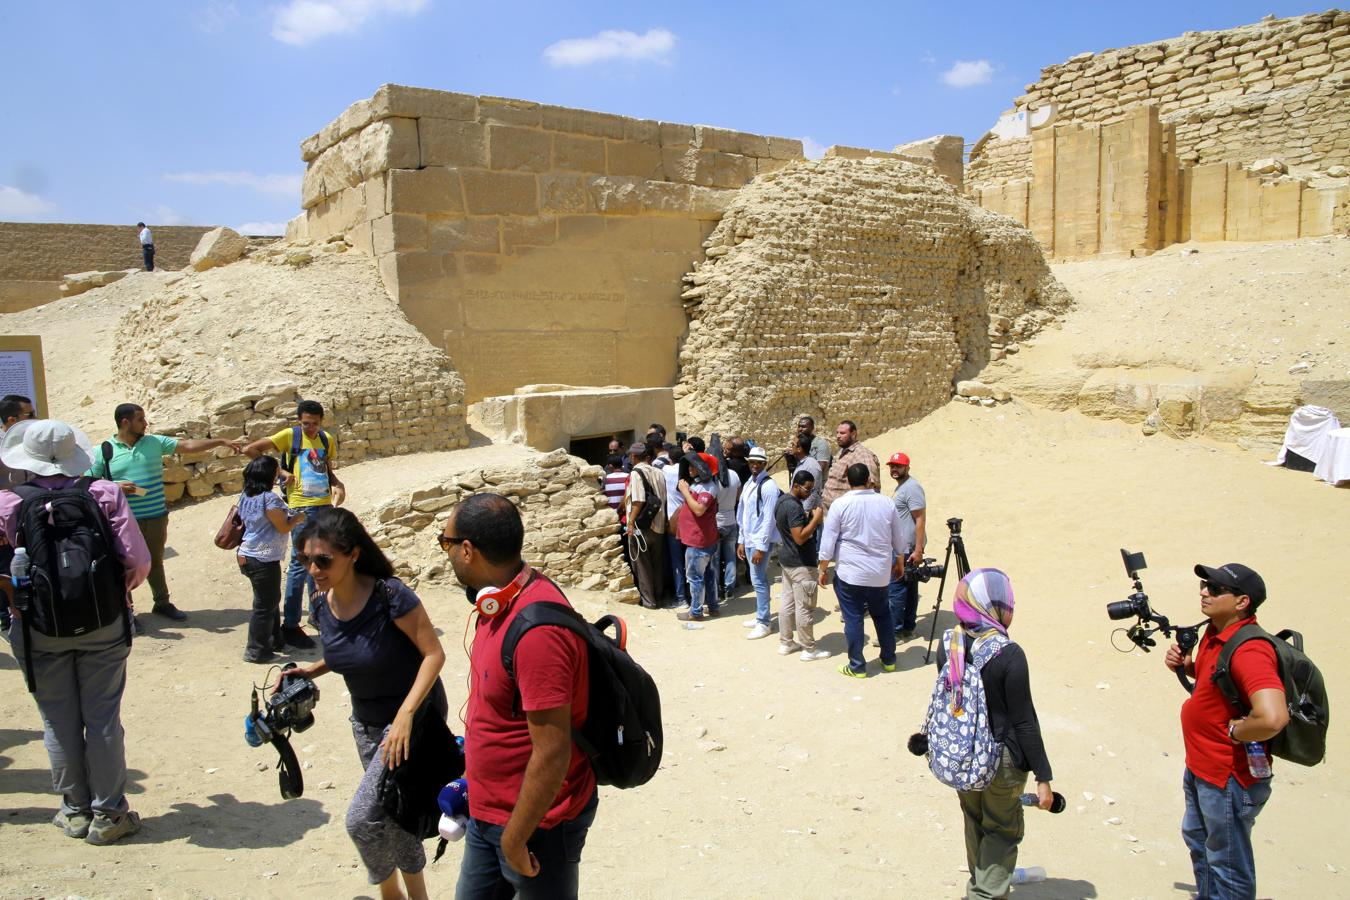 La tumba de Mehu, un poderoso visir que vivió hace 4.300 años en la época de los primeros faraones egipcios, ha sido abierta al público por primera vez en la zona de las pirámides de Saqara. En la imagen, unos visitantes esperan ante una de las entradas de la tumba